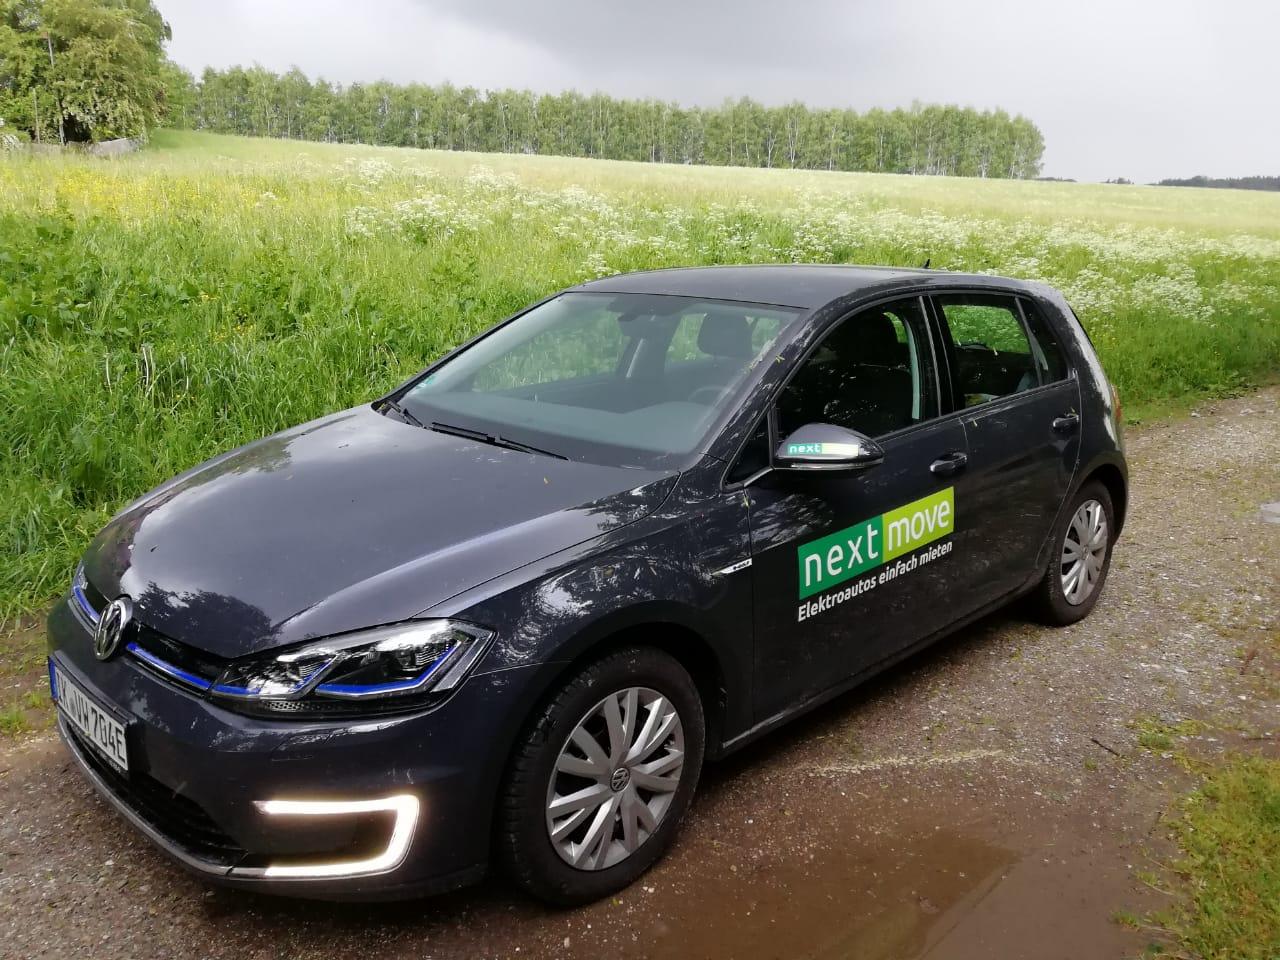 Elektroauto nextmove VW e-Golf mieten